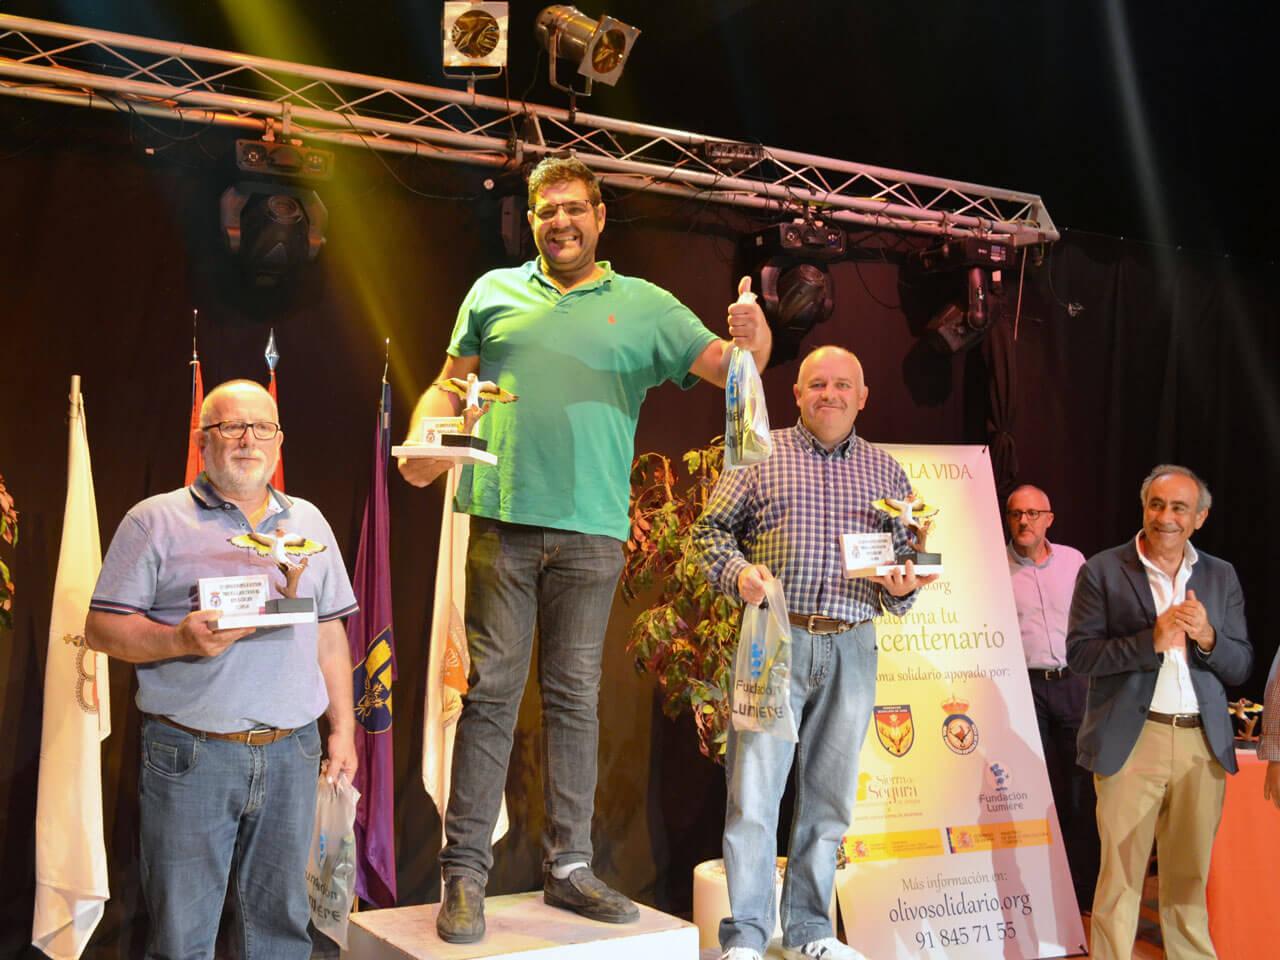 Campeonato España Cante 2018 - Podium M Jilg.